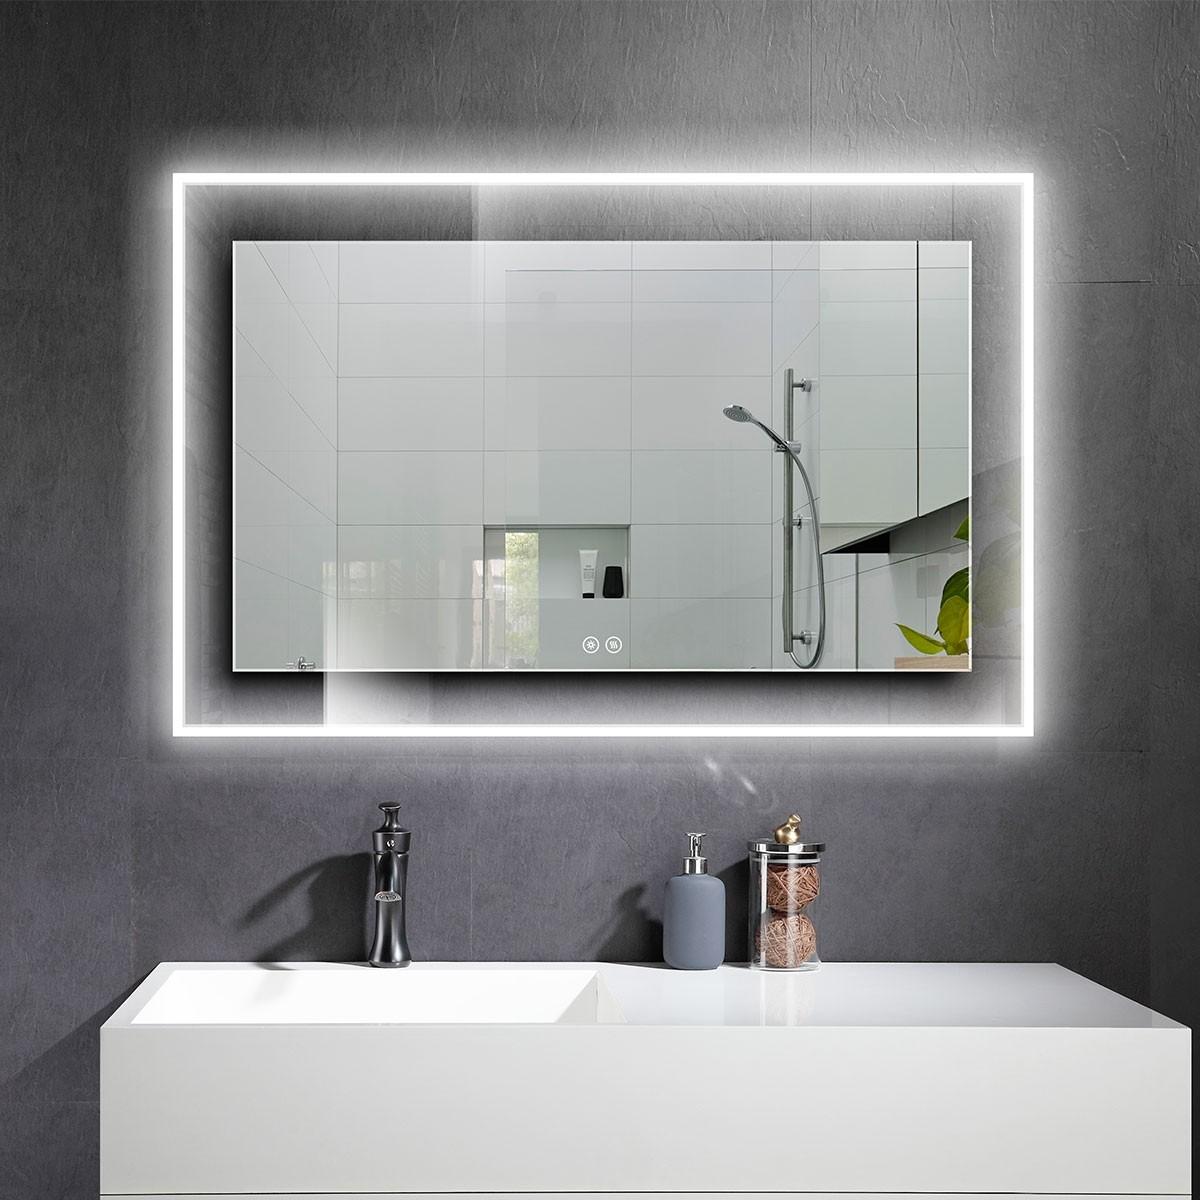 DECORAPORT 55 x 36 Po Miroir de Salle de Bain LED avec Bouton Tactile, Anti-Buée, Luminosité Réglable, Bluetooth, Montage Vertical & Horizontal (D322-5536A)